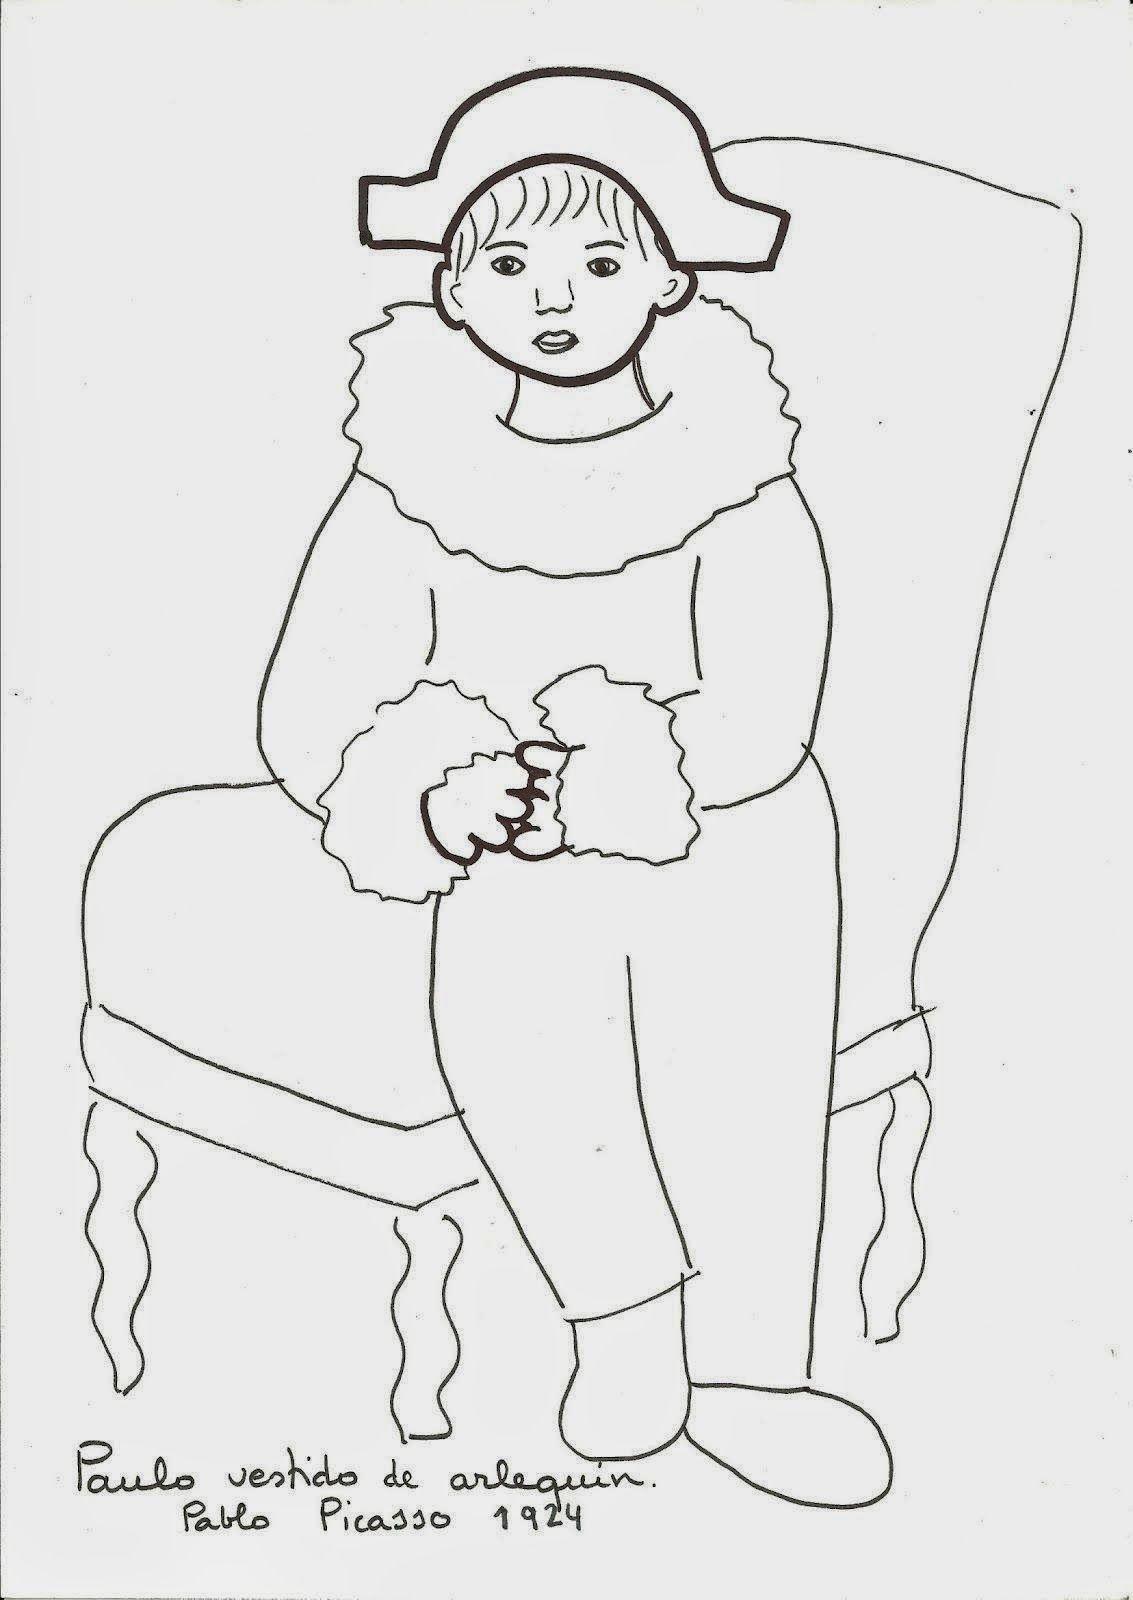 Pablo Picasso | coloring paces dibujos para colorear | Pinterest ...